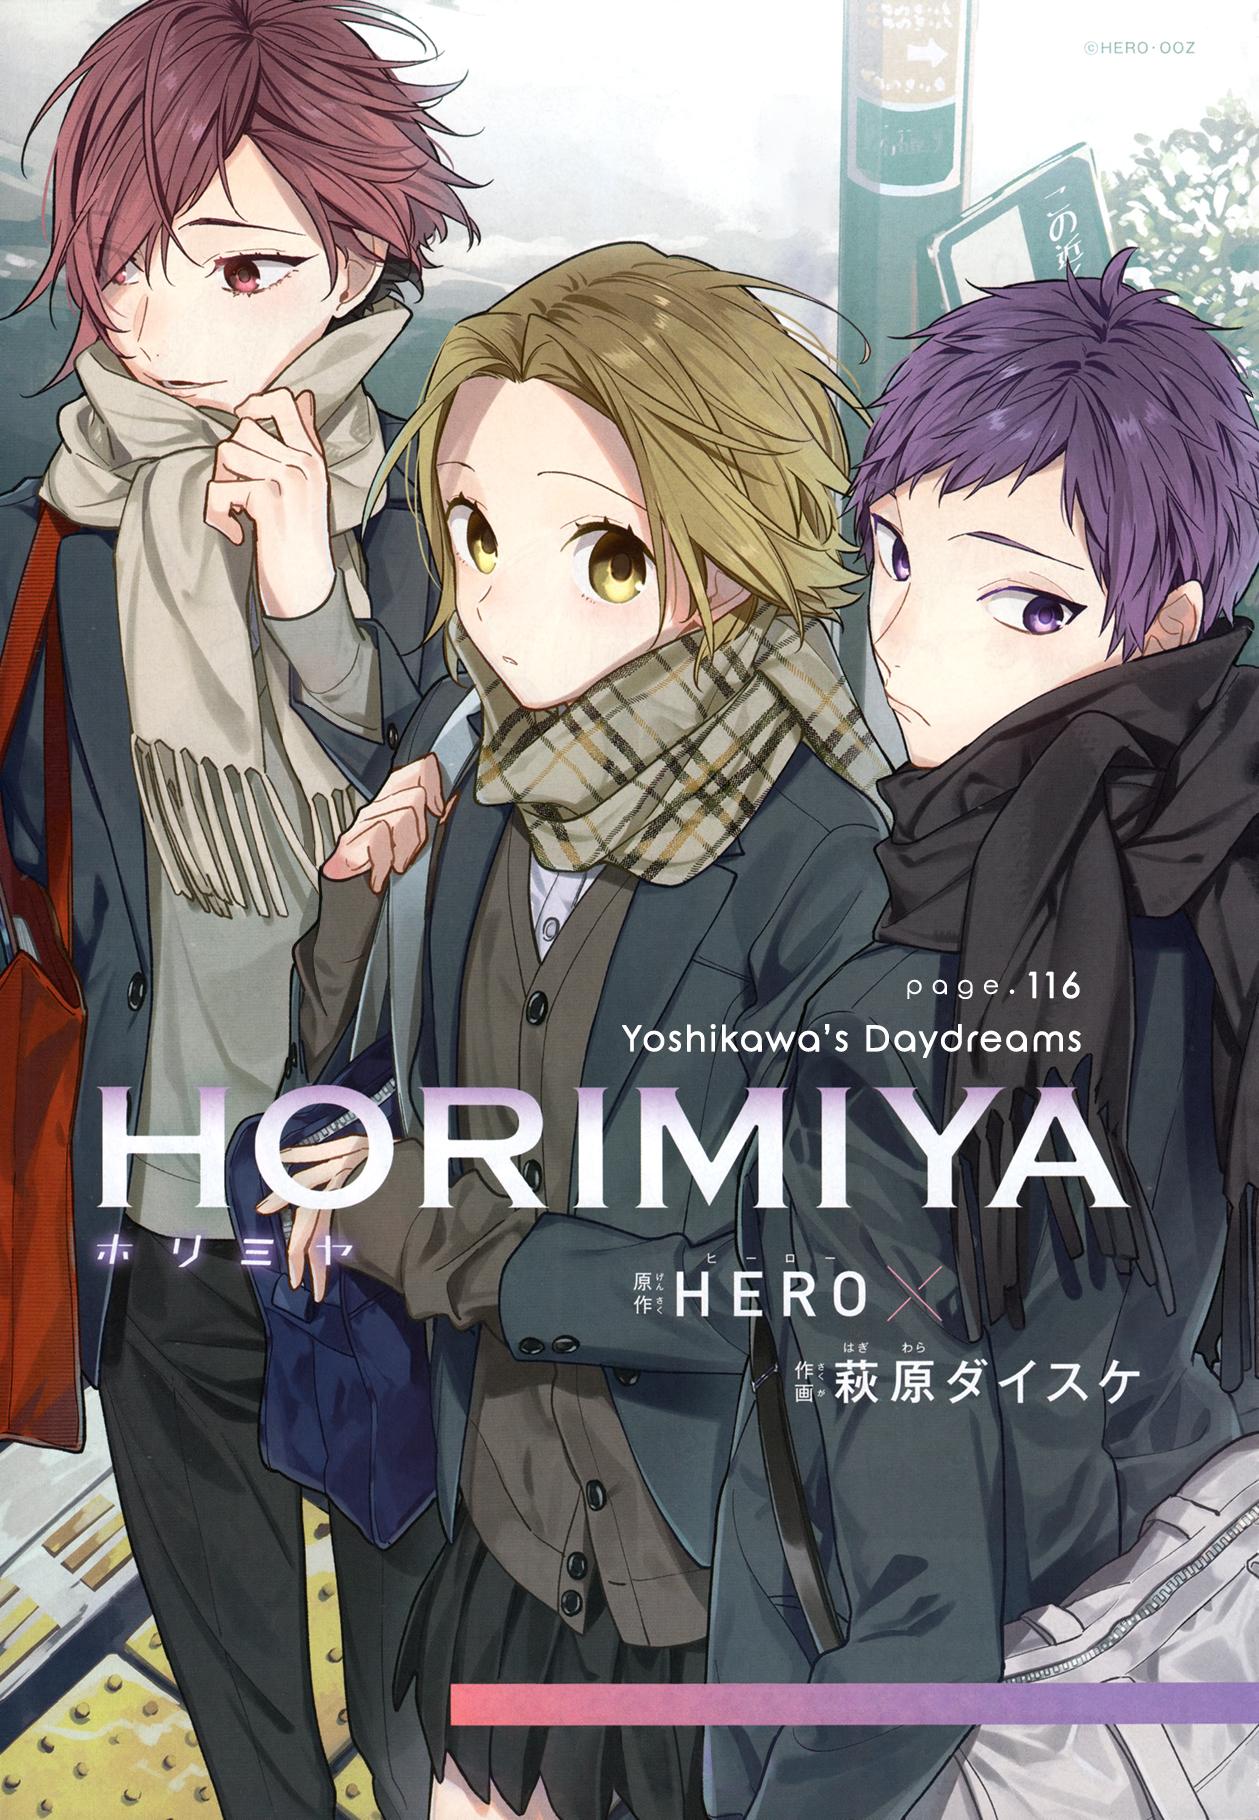 Horimiya,Hori san to Miyamura kun,Horimiya manga,Horimiya anime,manga,Hori san to Miyamura kun manga,Hori san to Miyamura kun anime,read Horimiya,read Hori san to Miyamura kun,chapter,chapters,webcomic